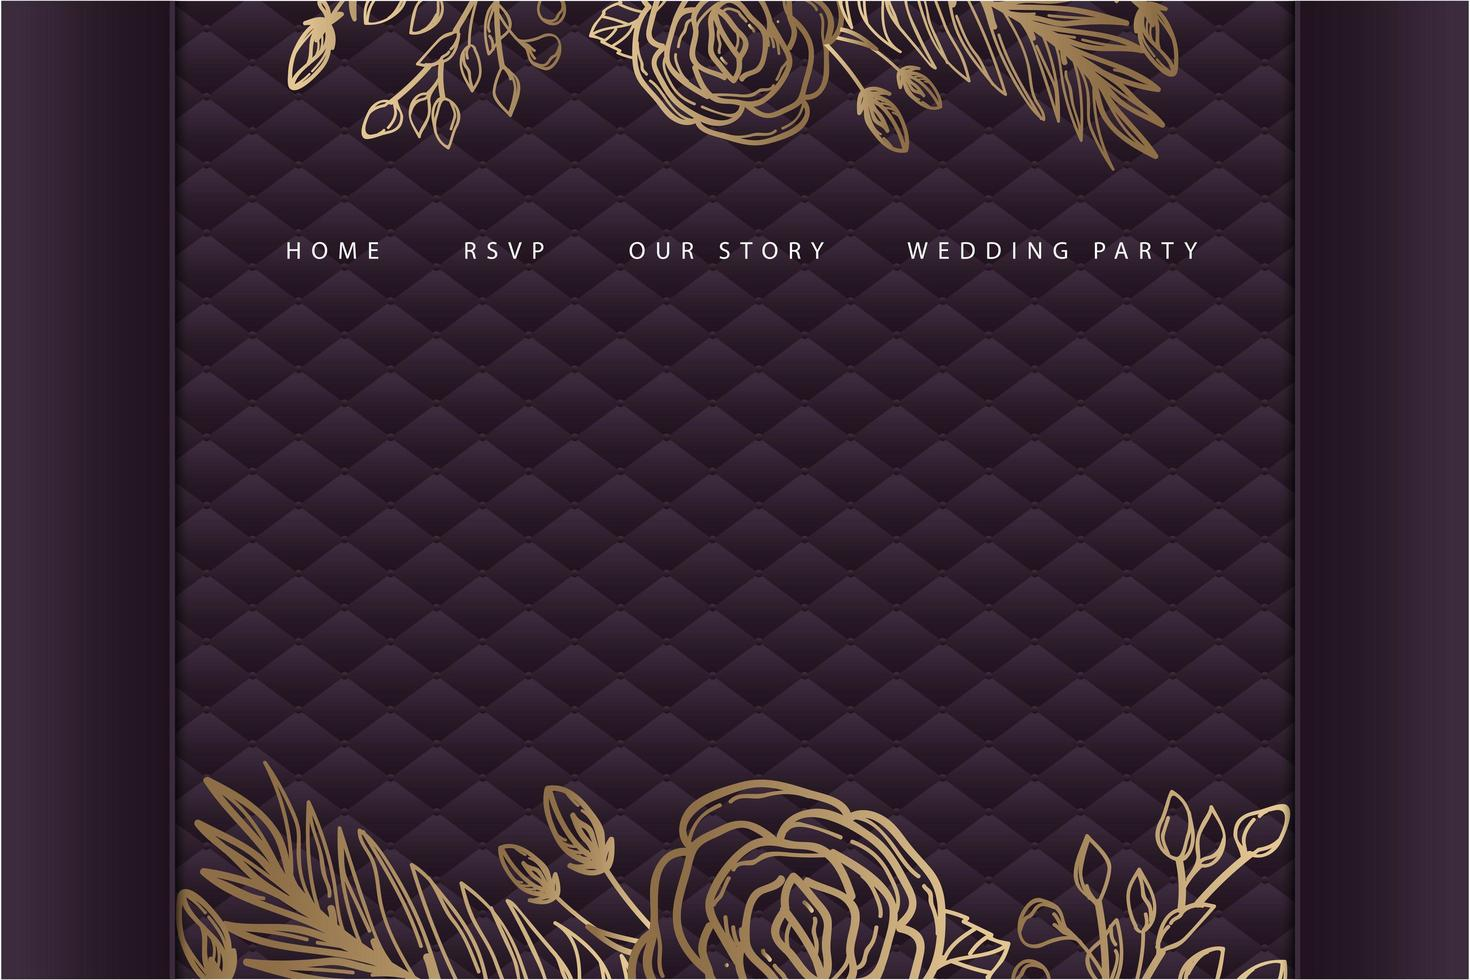 pagina di destinazione del matrimonio floreale dorato con tappezzeria viola vettore